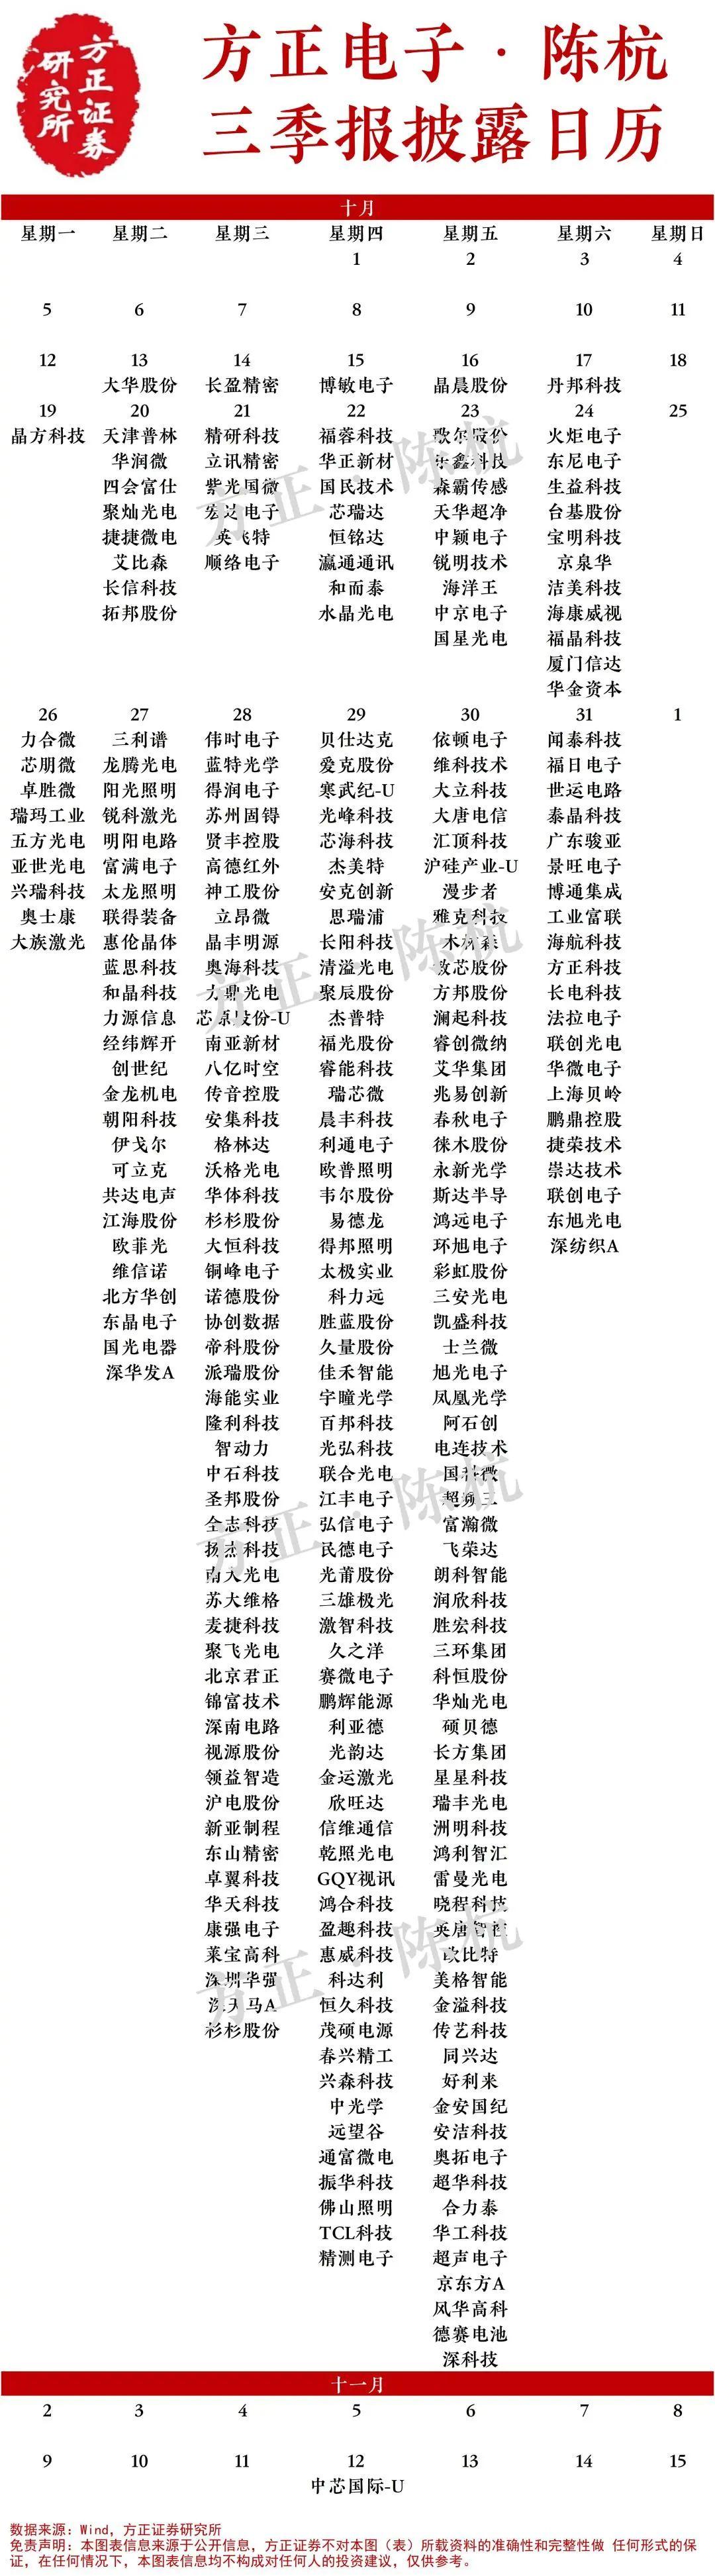 三季报日历 l 一张图(电子)